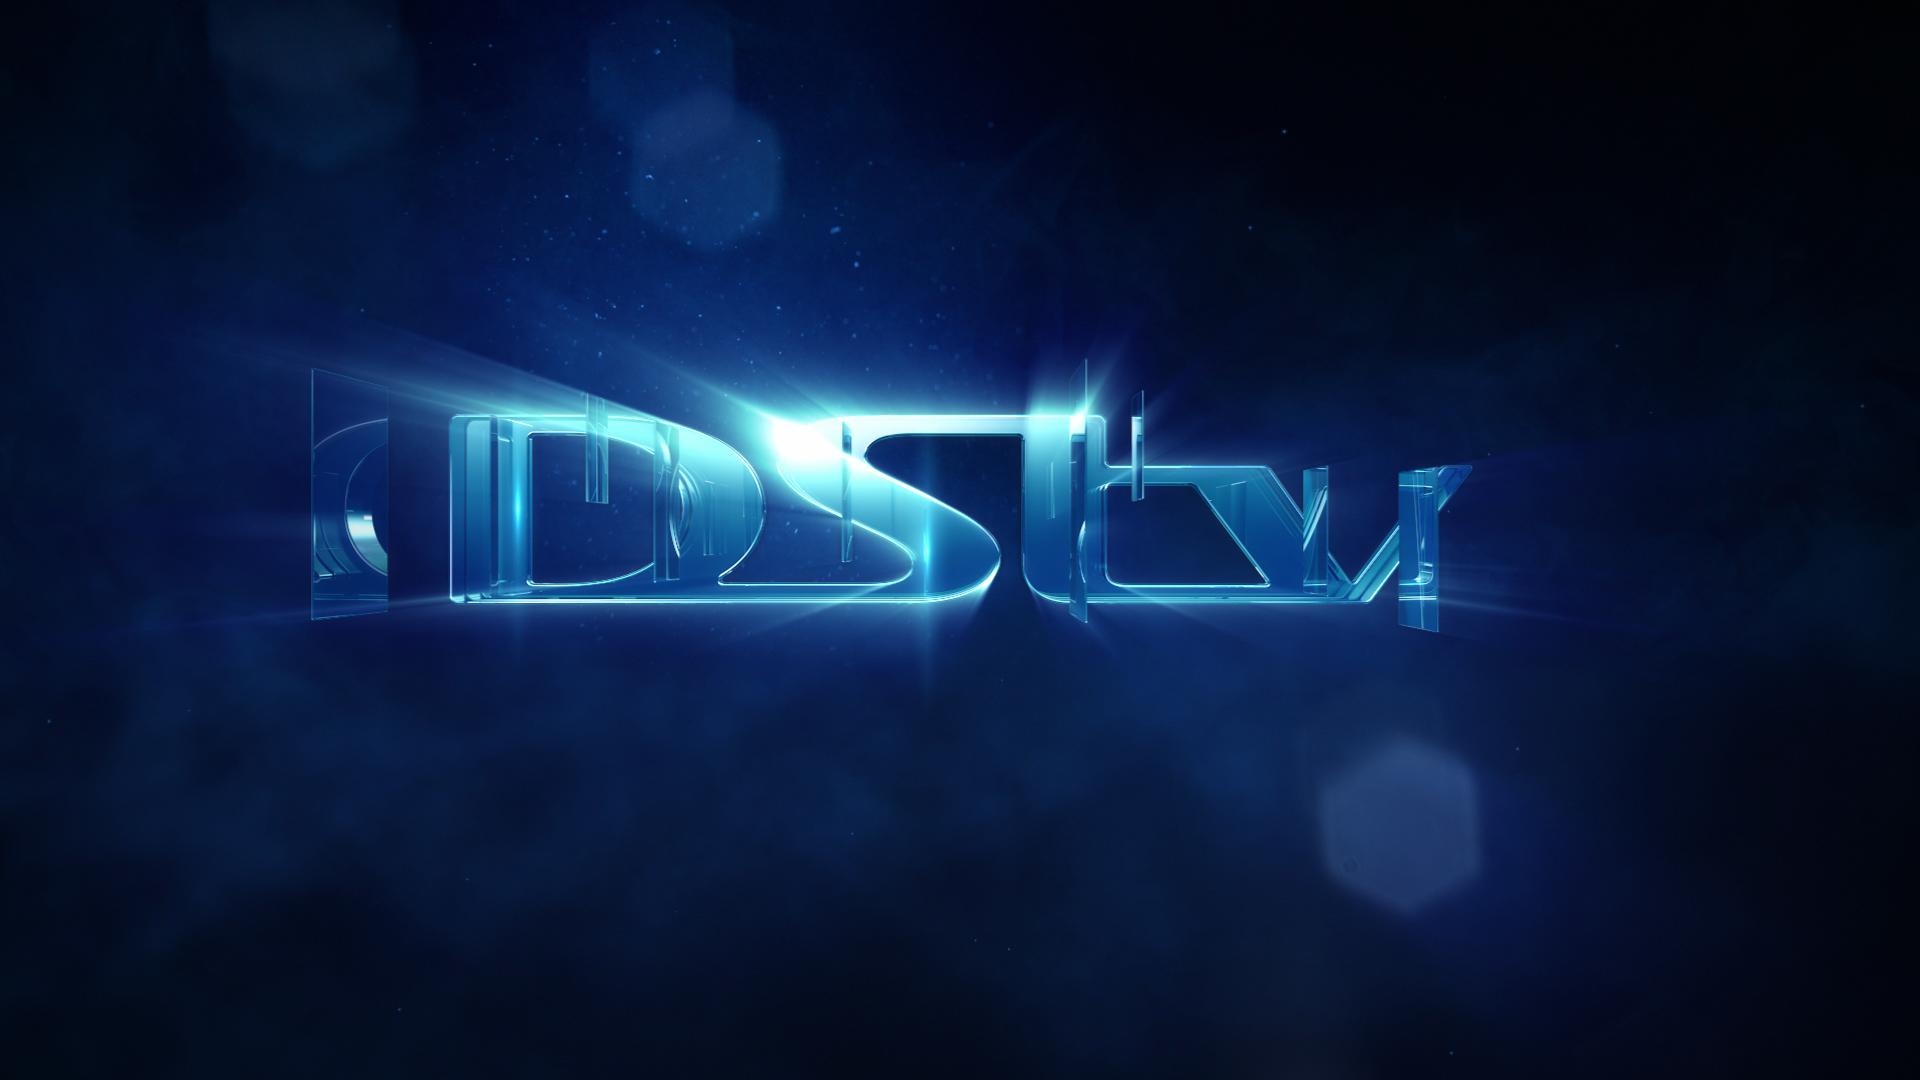 DSTV PRE-ROLL